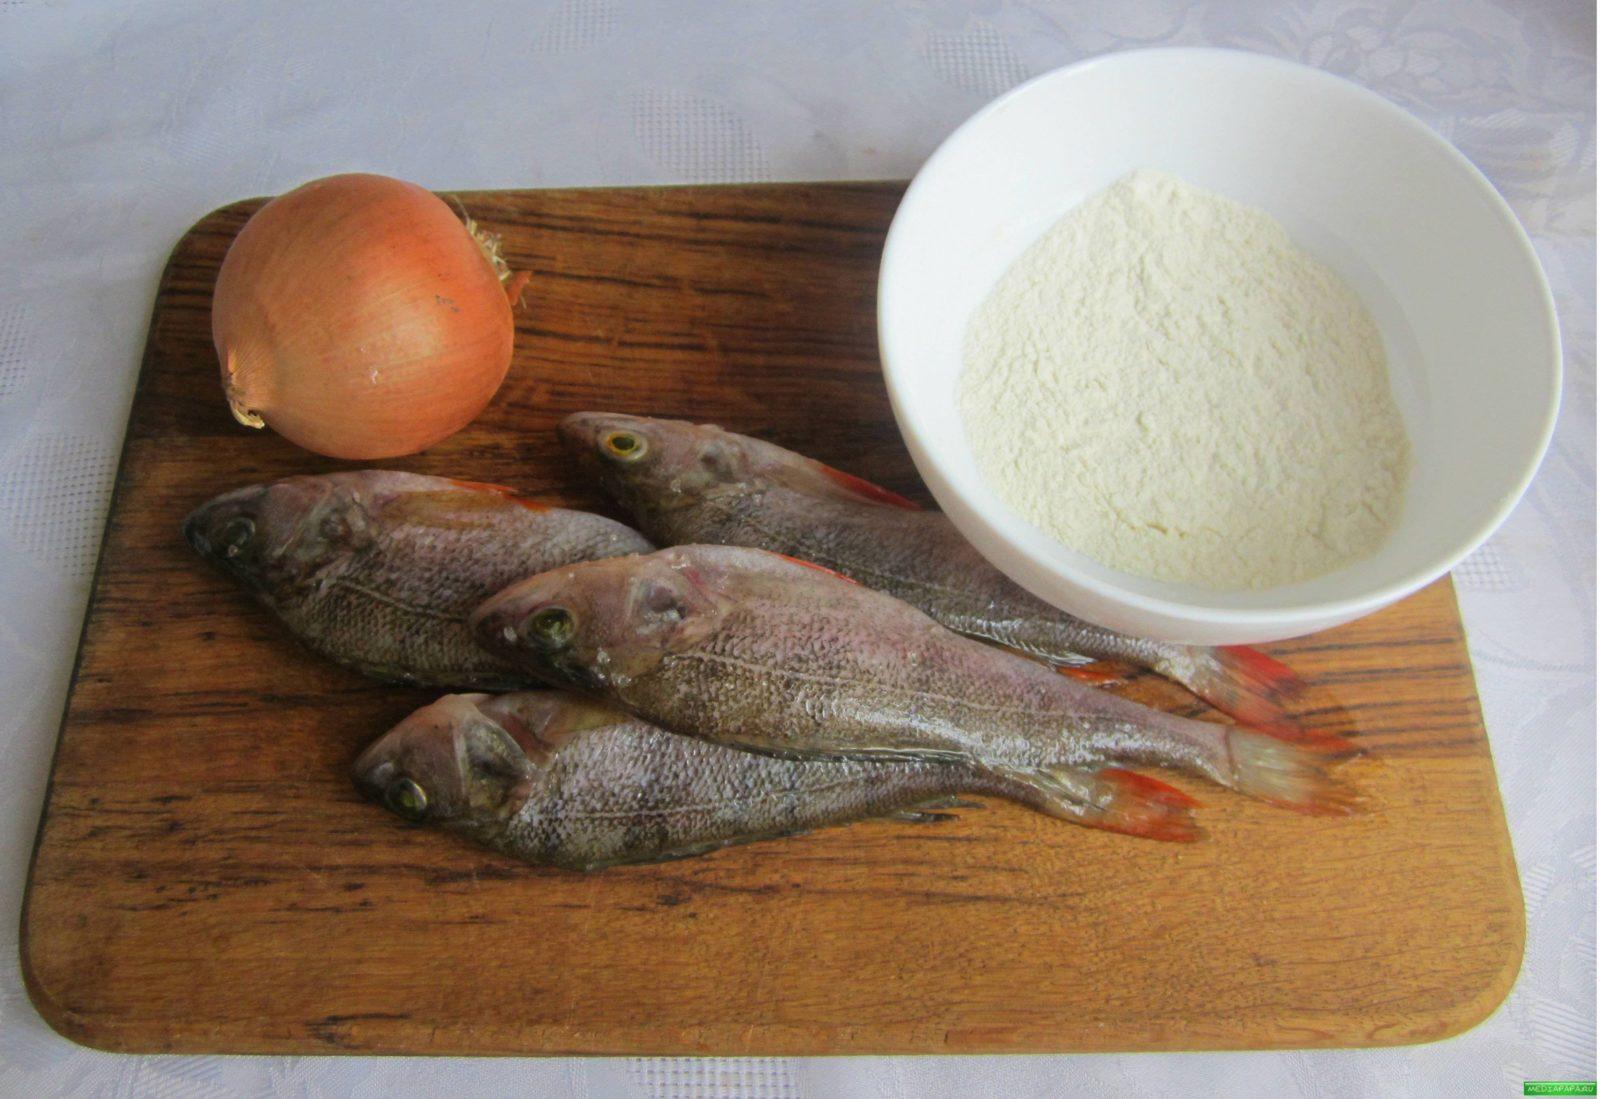 гидромассажной ванны, окунь речной жареный рецепты с фото кастинговом